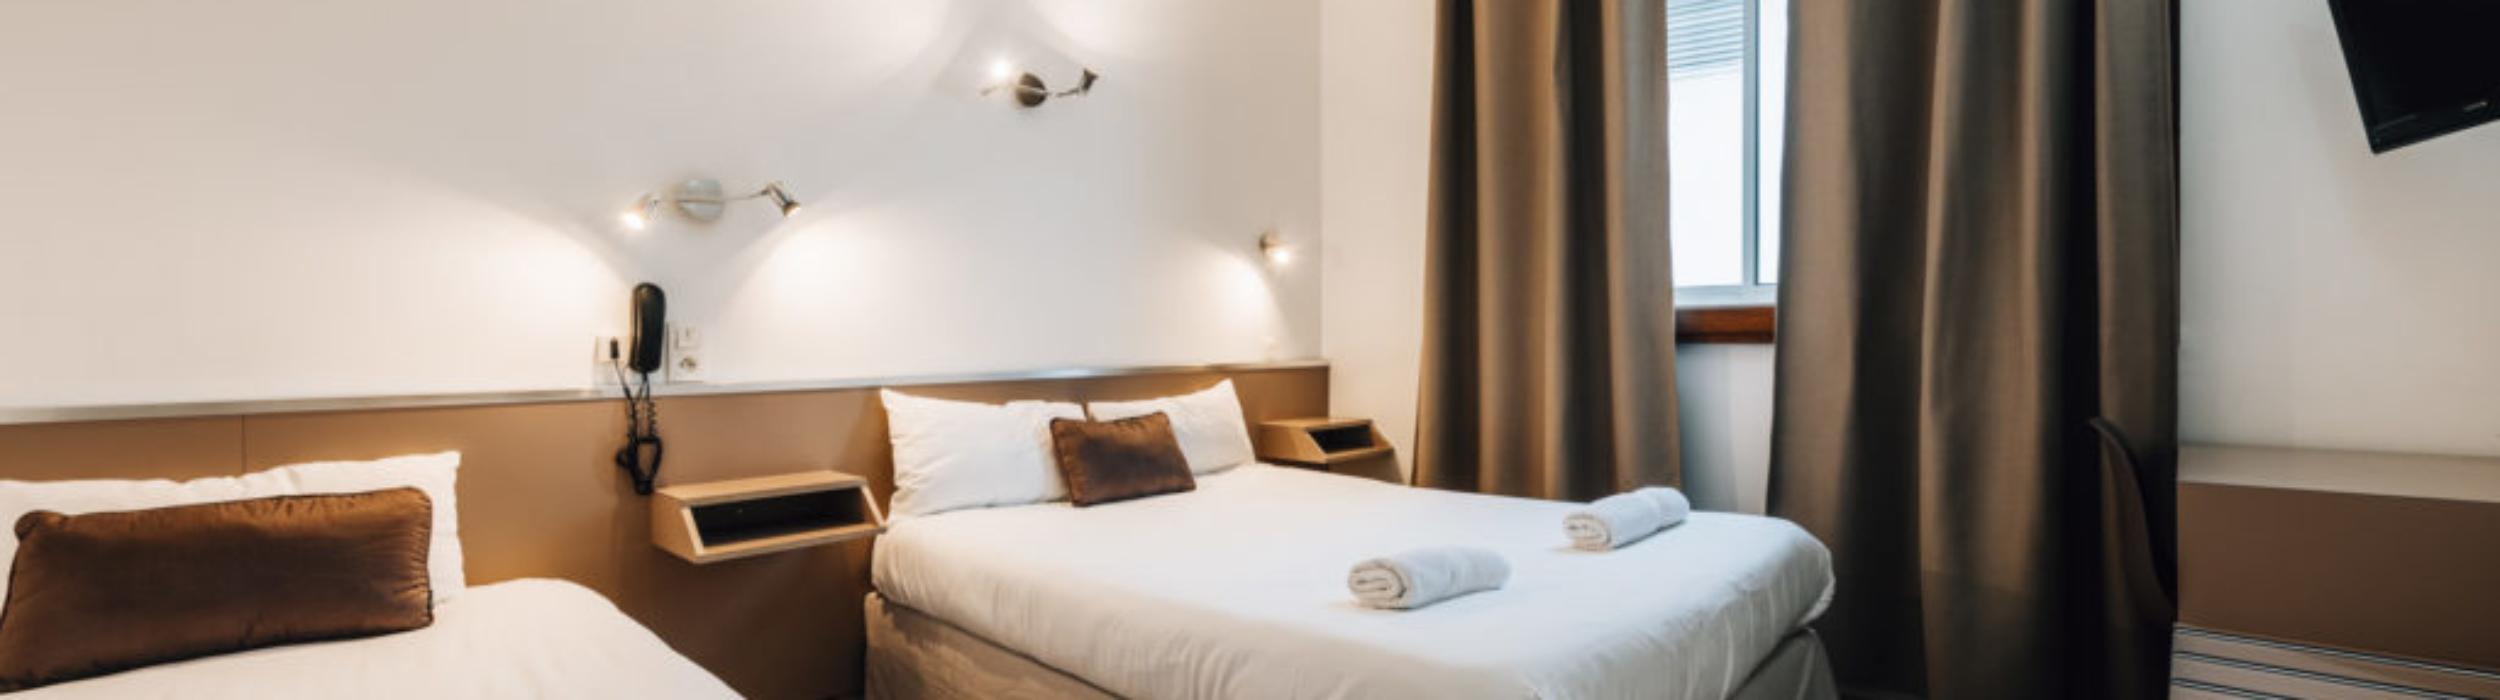 Hotel Alizé 2 étoiles Toulouse Minimes Chambre triple